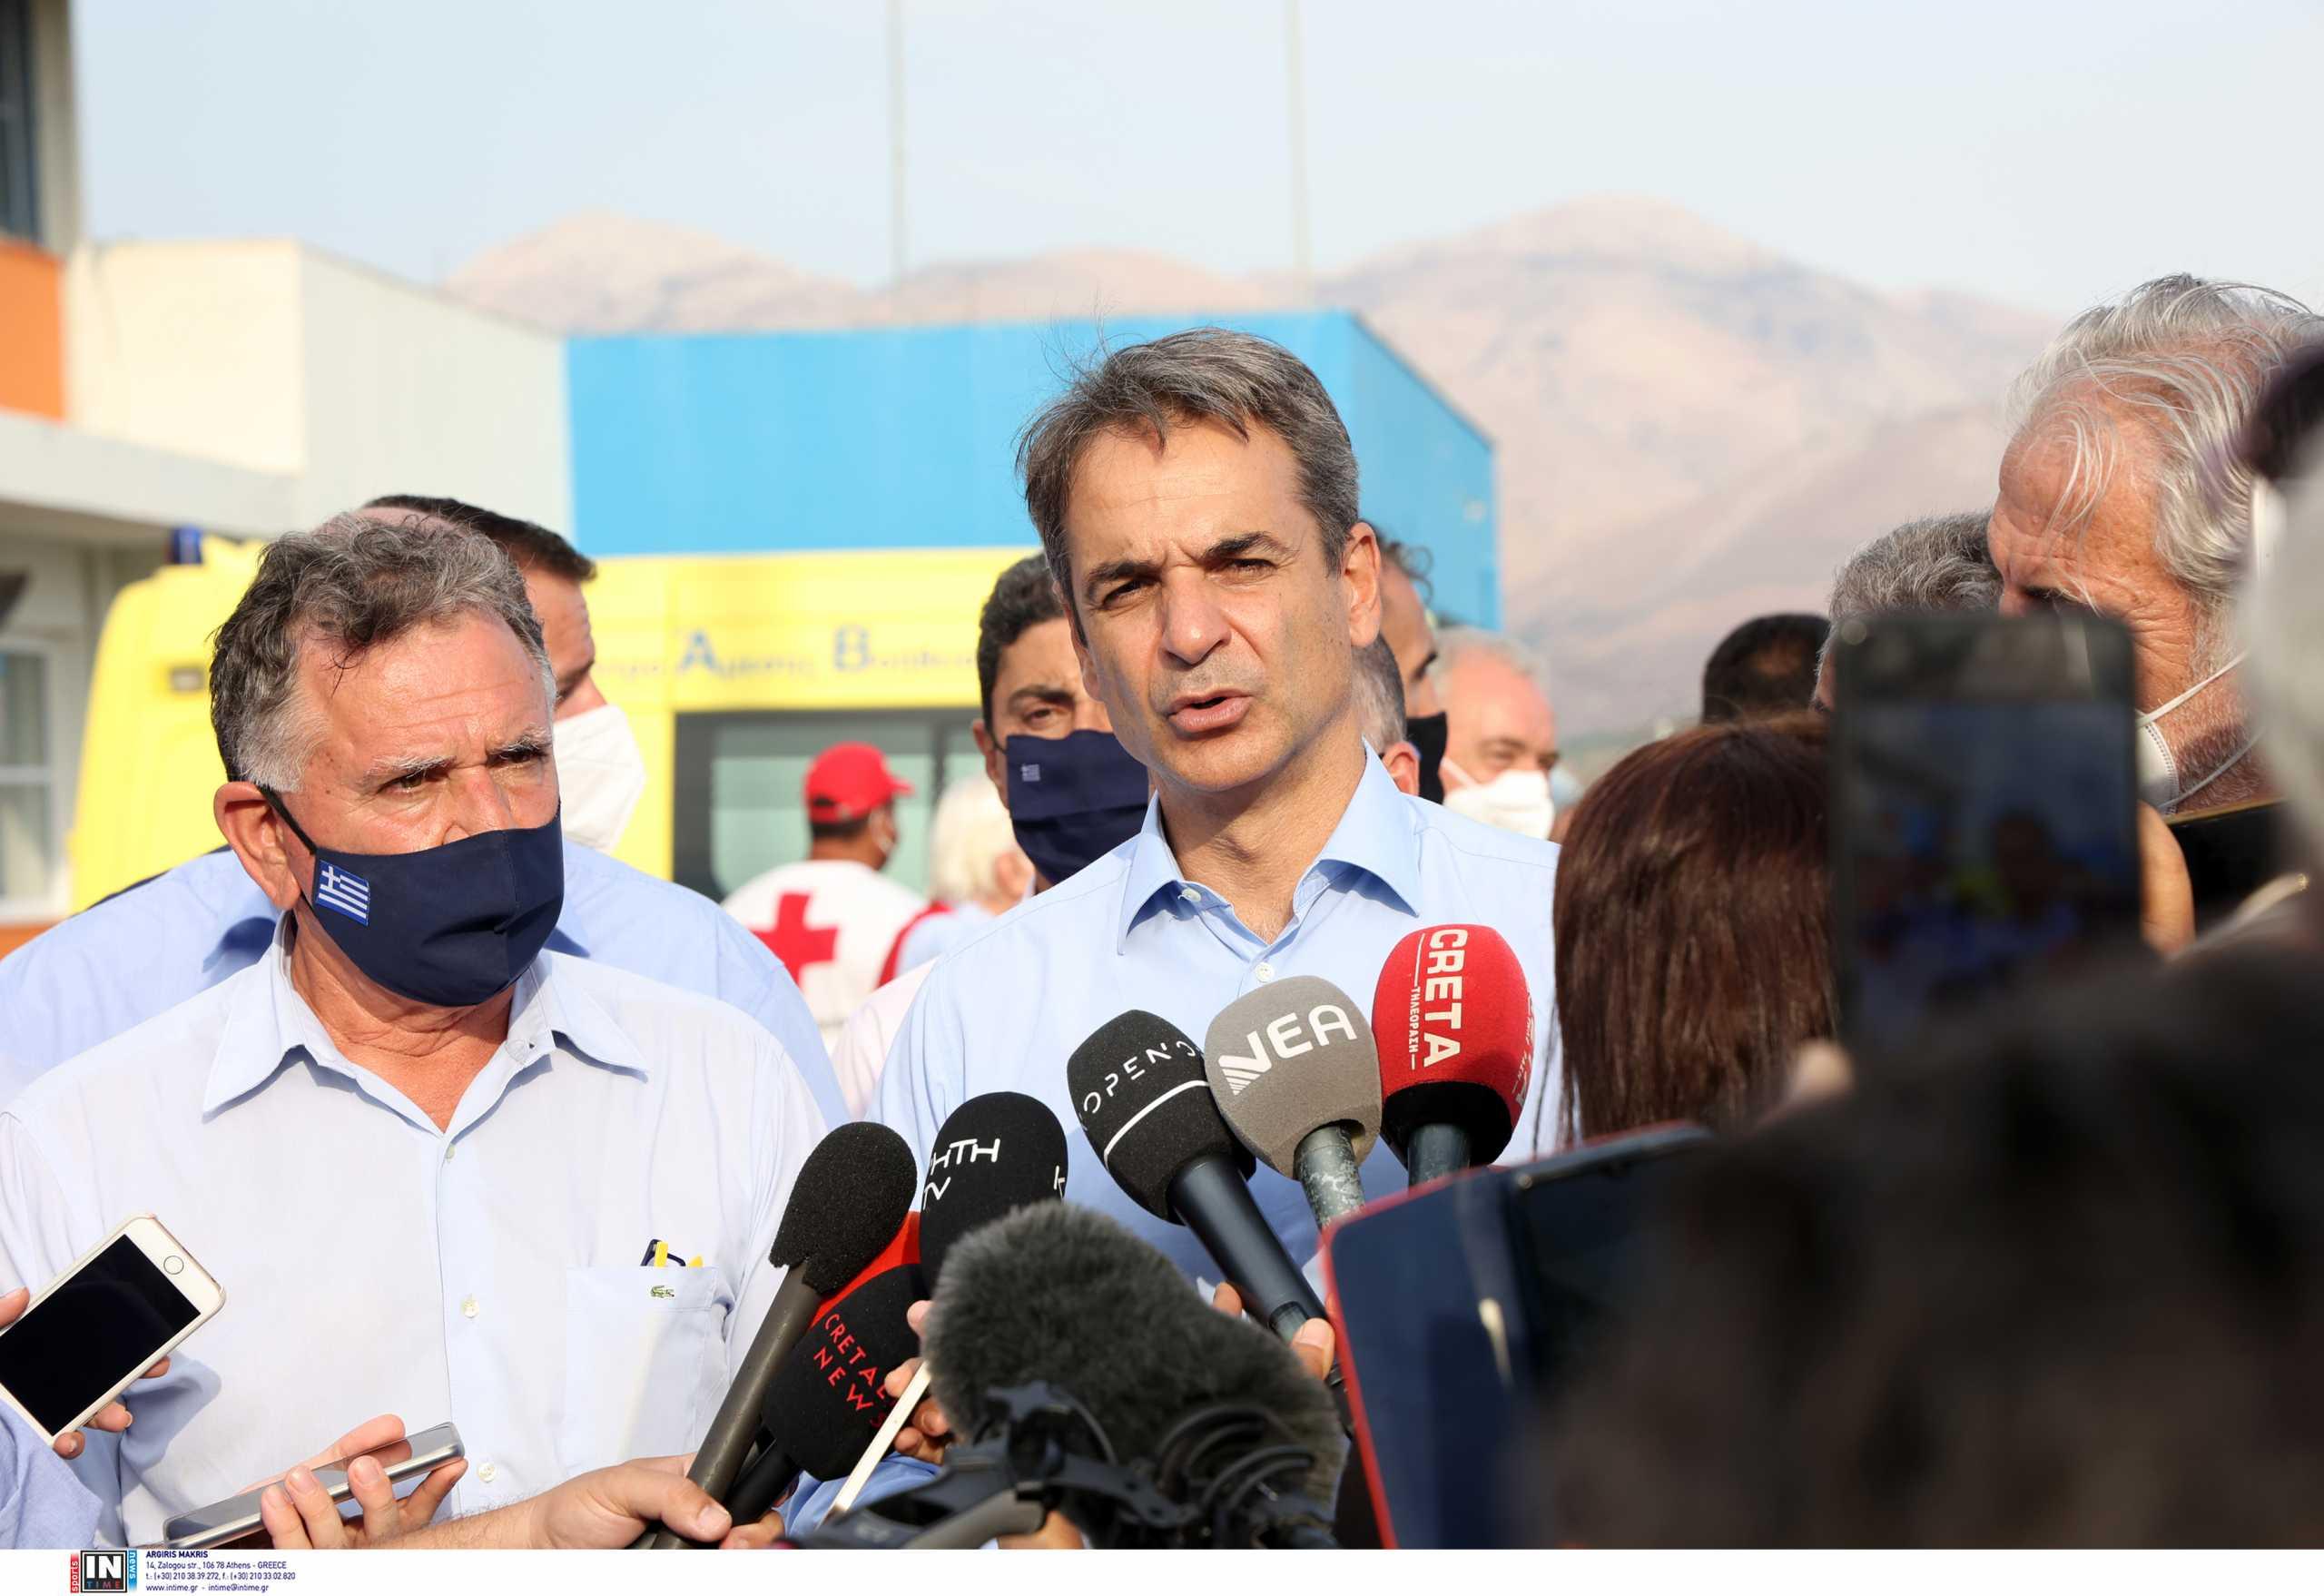 Κυριάκος Μητσοτάκης: Οι δηλώσεις του από τις σεισμόπληκτες περιοχές της Κρήτης